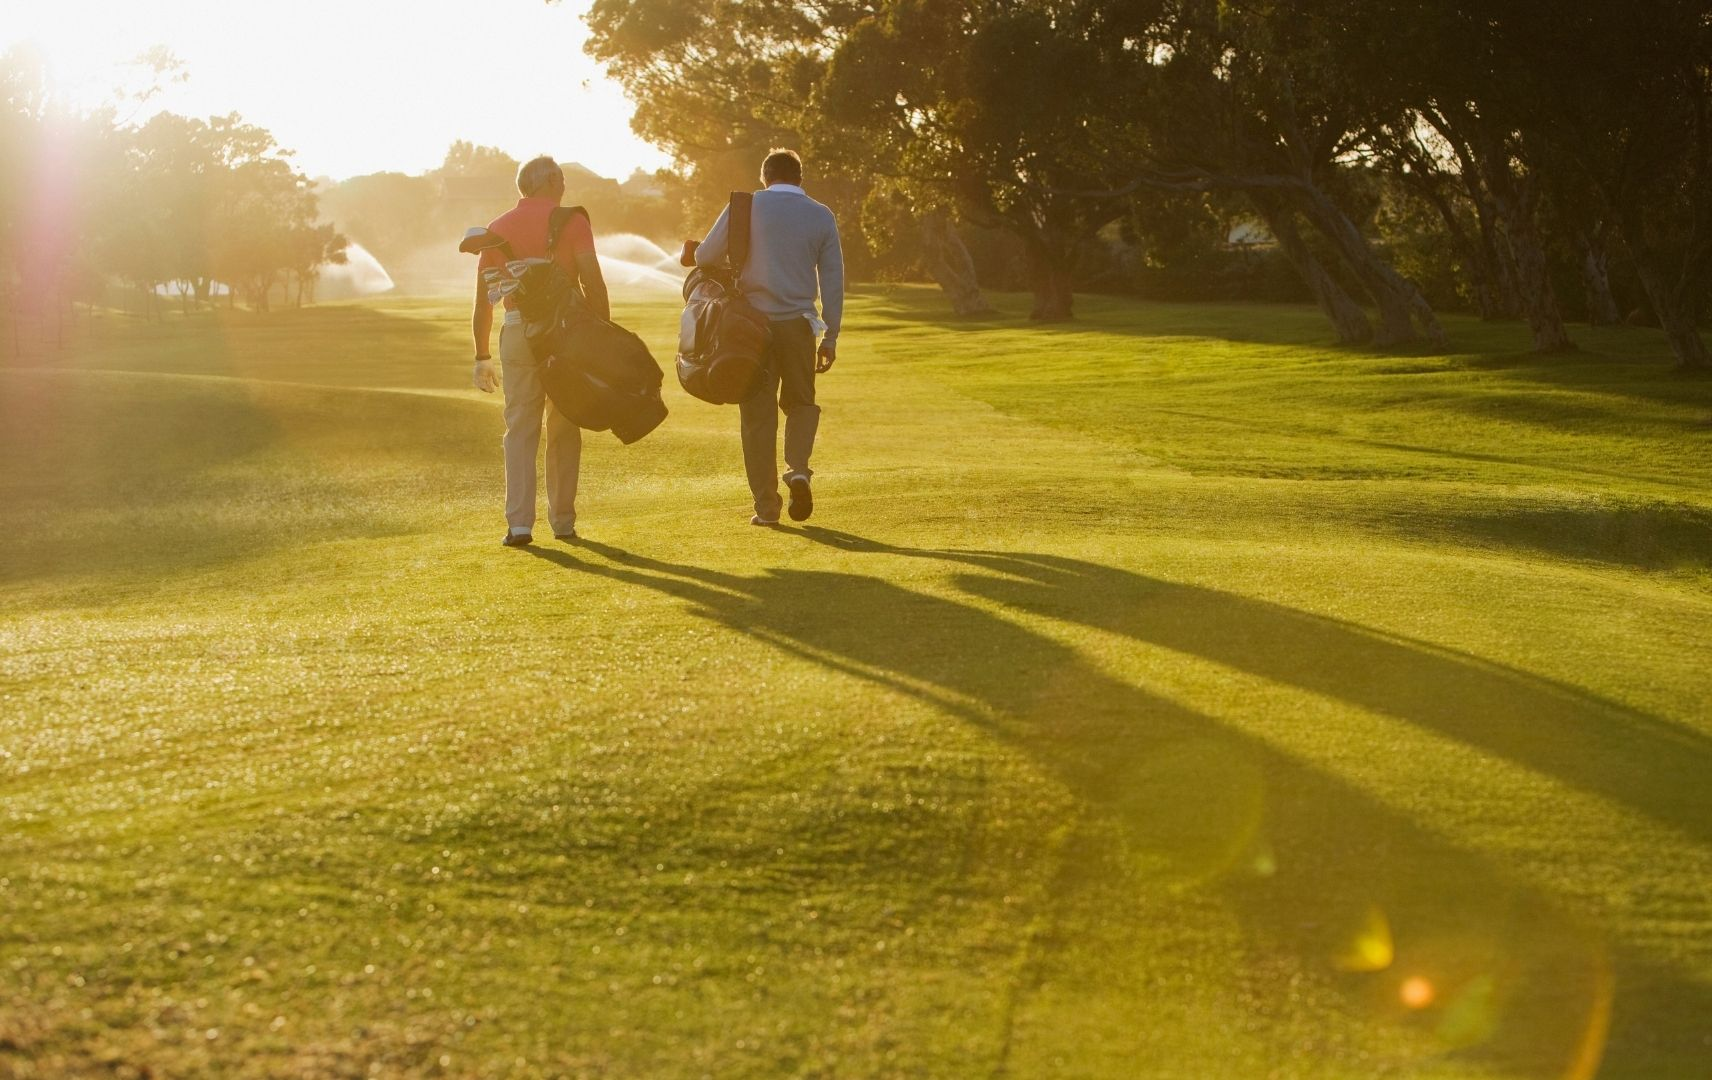 Golfplatz mit zwei Spielern auf Golfreise